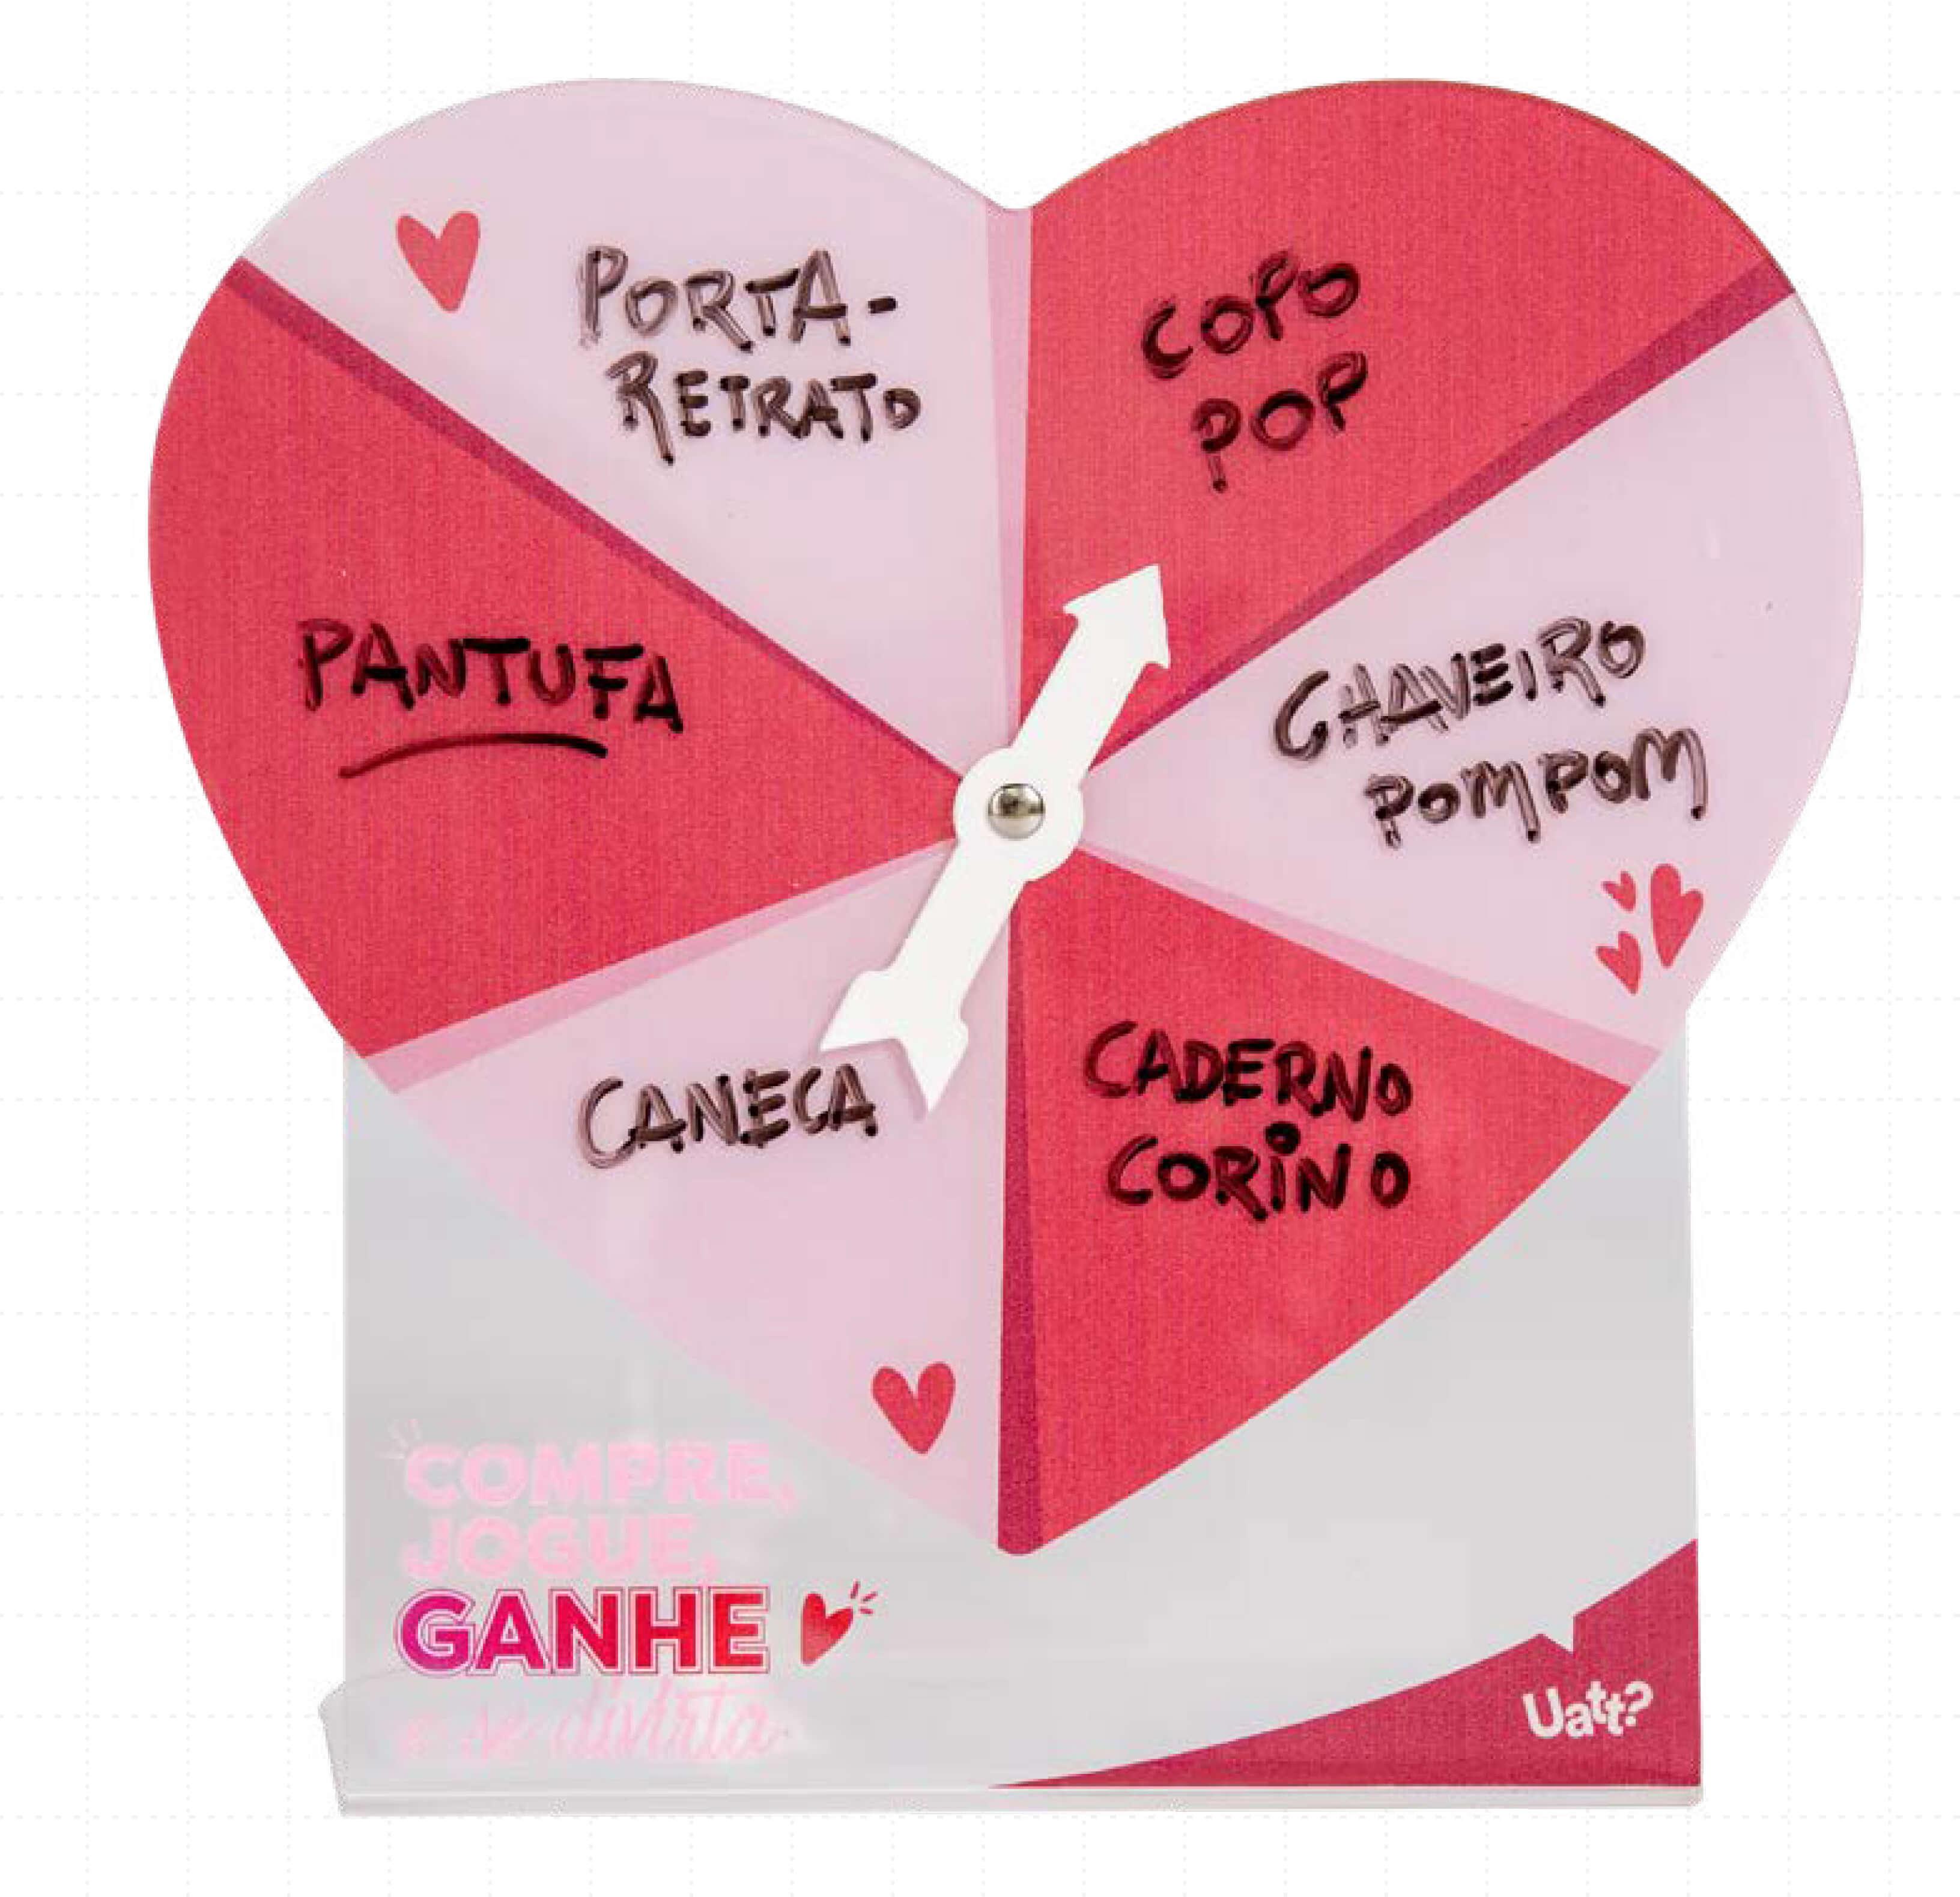 Roleta da sorte - Ações de Vendas para o Dia dos Namorados